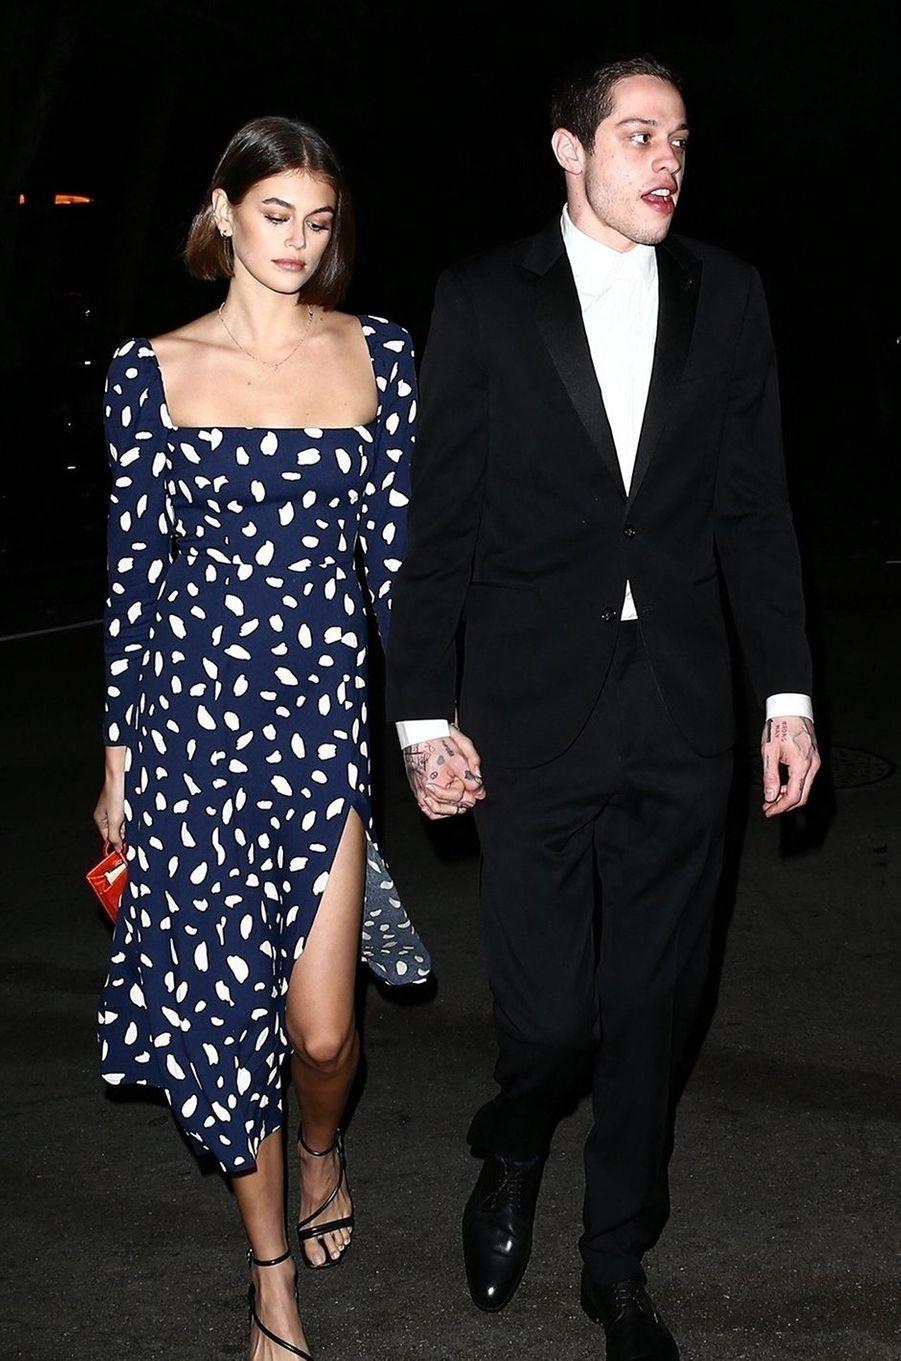 Pete Davidson est également sorti avec Kaia Gerber, la fille de Cindy Crawford. Après trois mois de romance, le couple était séparé en janvier 2020.